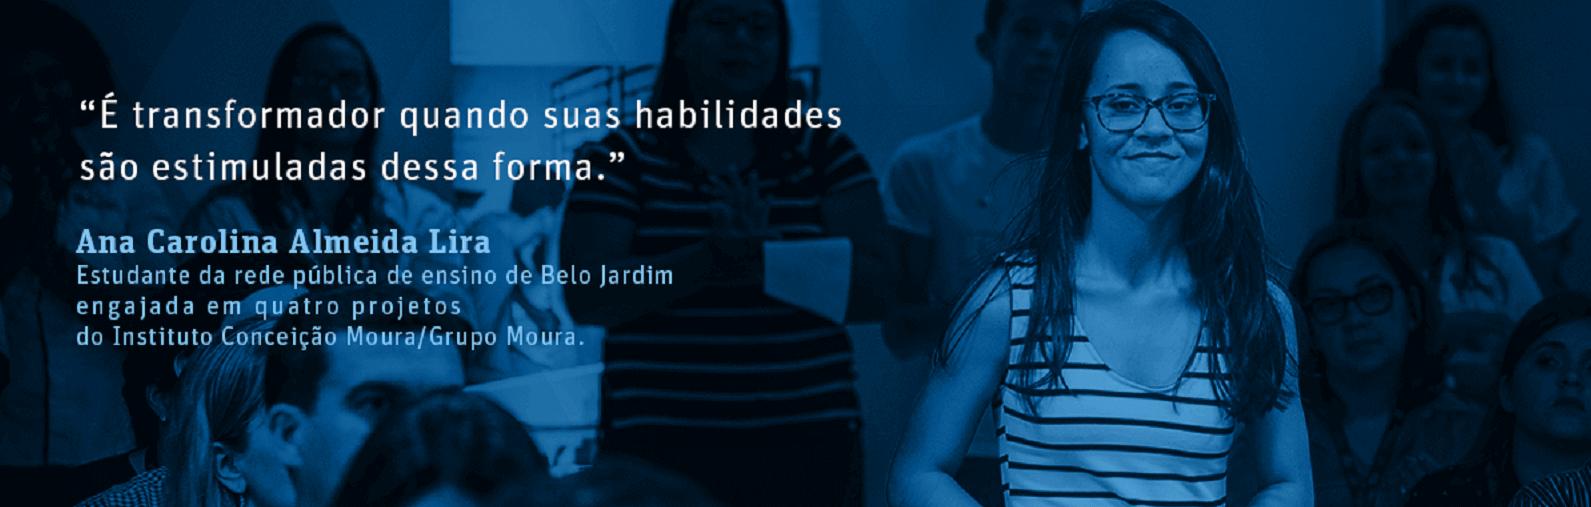 Jovens que mudaram a vida com o Instituto Conceição Moura